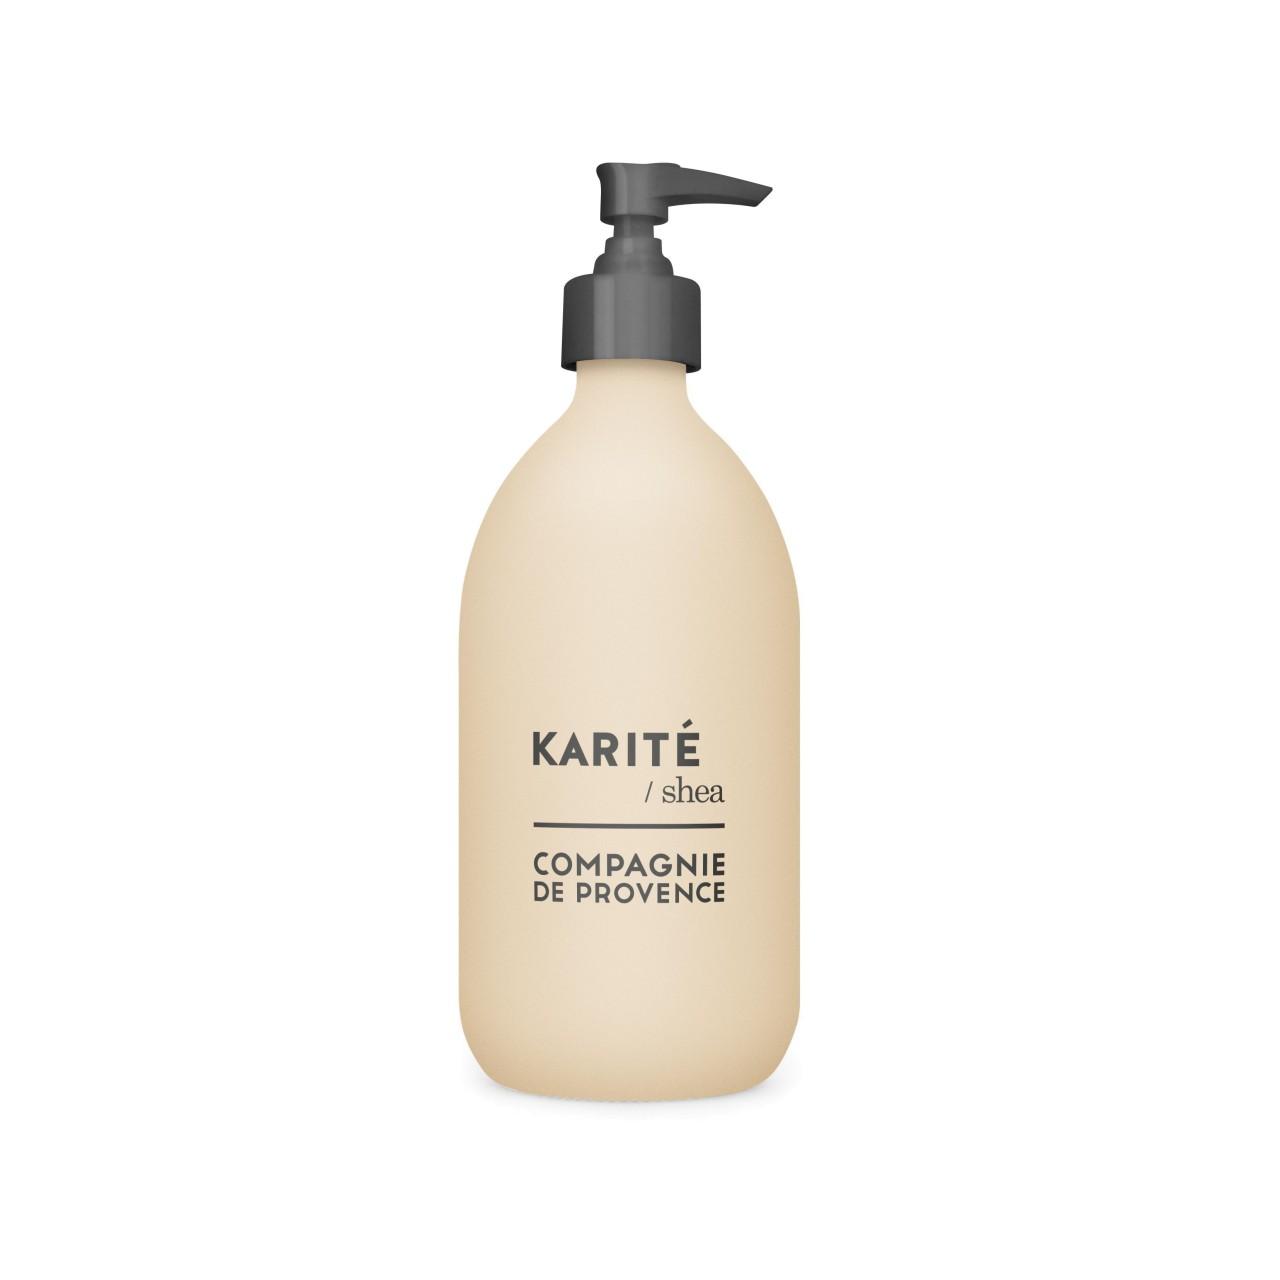 Sapone Liquido di Marsiglia al Karité 500 ml Compagnie de Provence Italia CPPF0105SL500KA-01